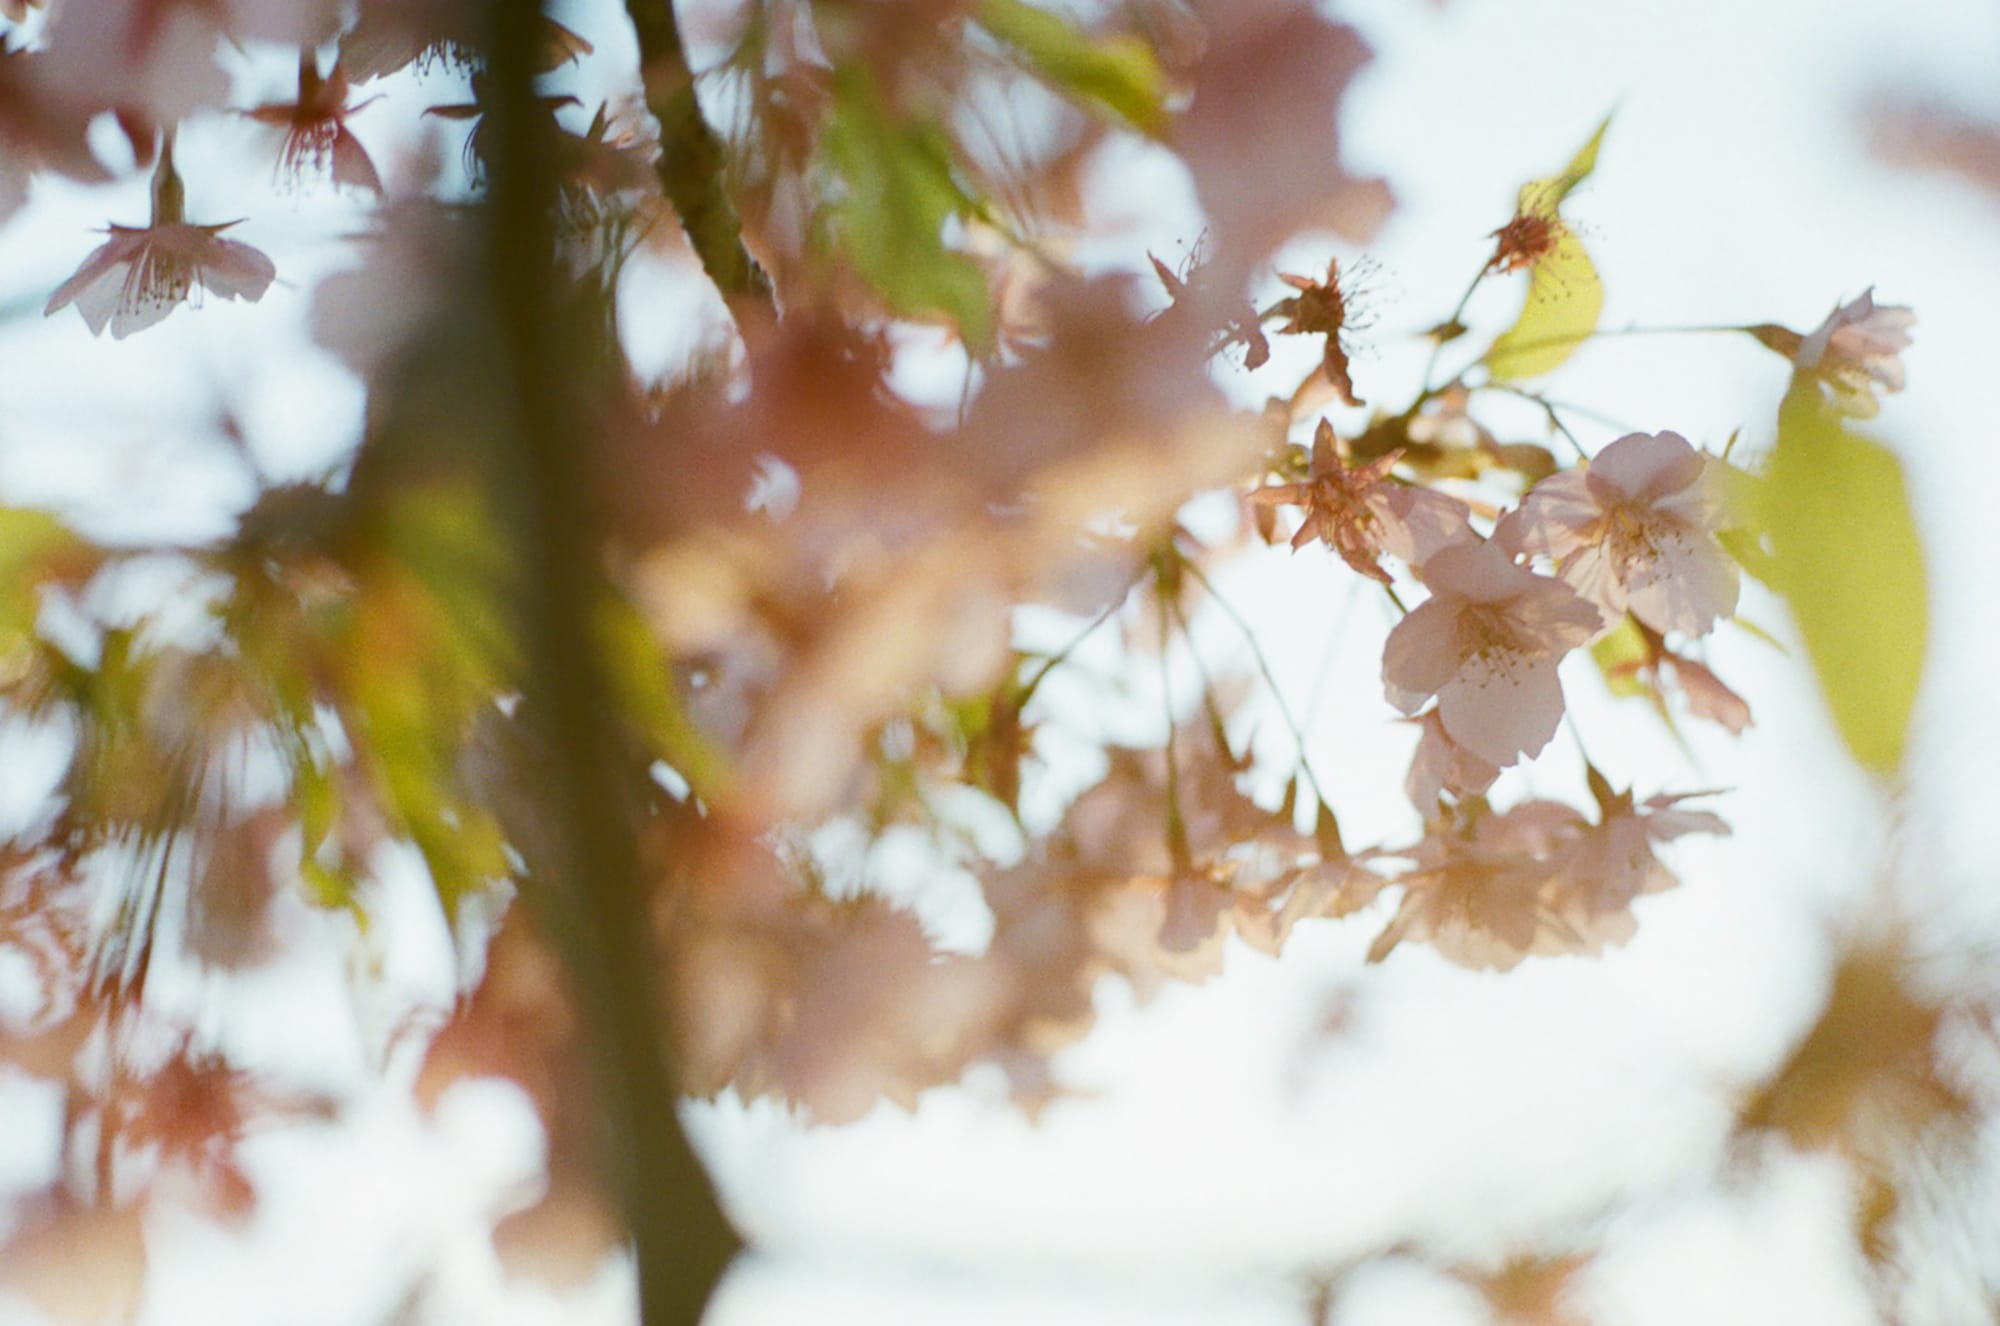 第十一候(次候) 桜始開 (さくらはじめてひらく)